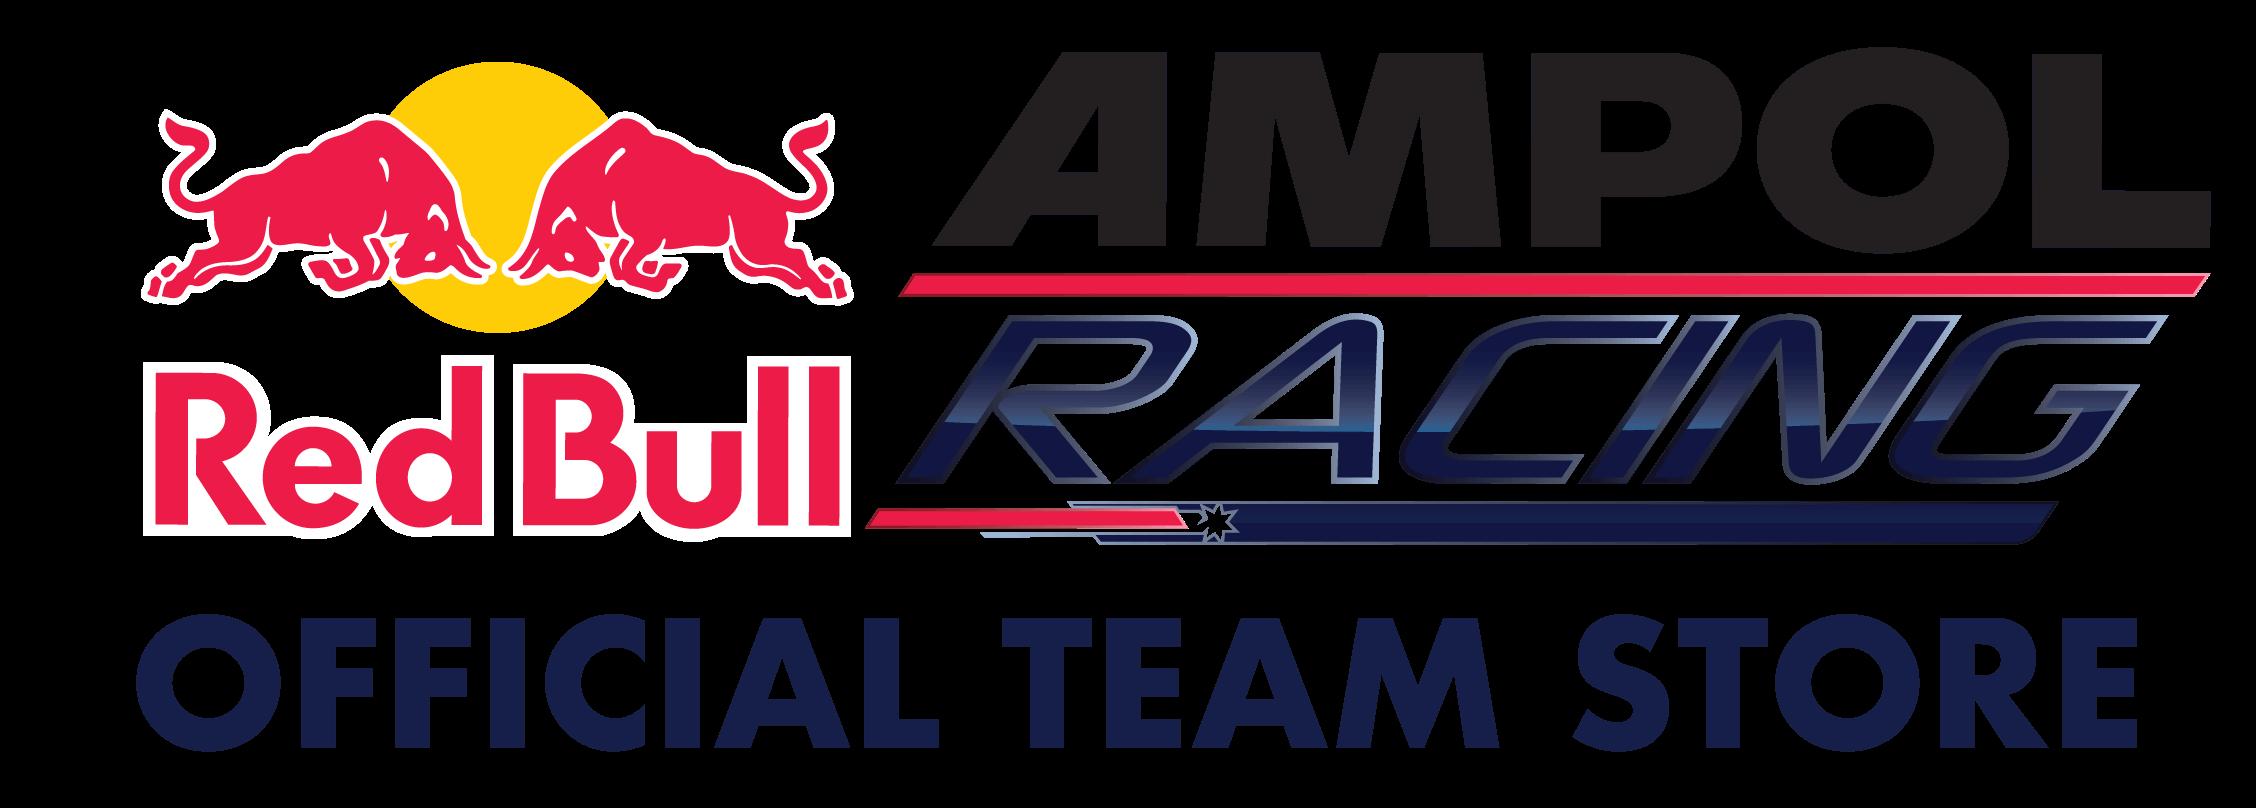 RedBull_Racing (1)